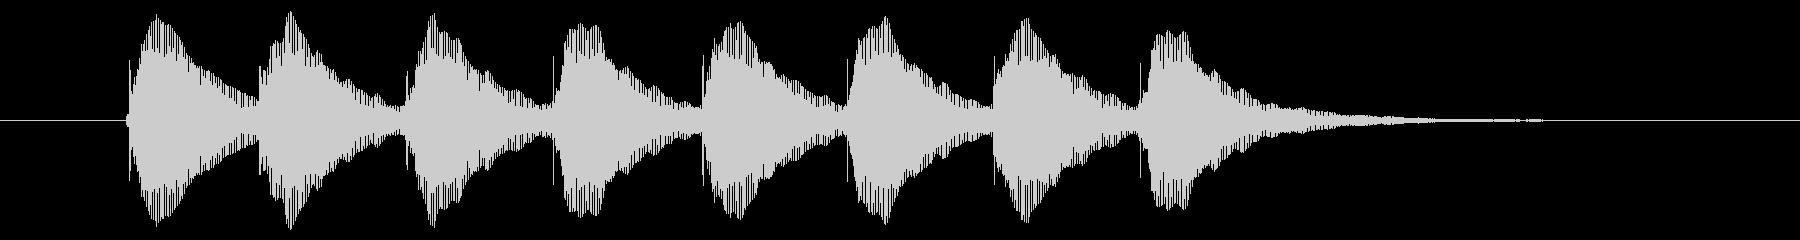 トムとジェリー風 ひらめき 発見 発明3の未再生の波形